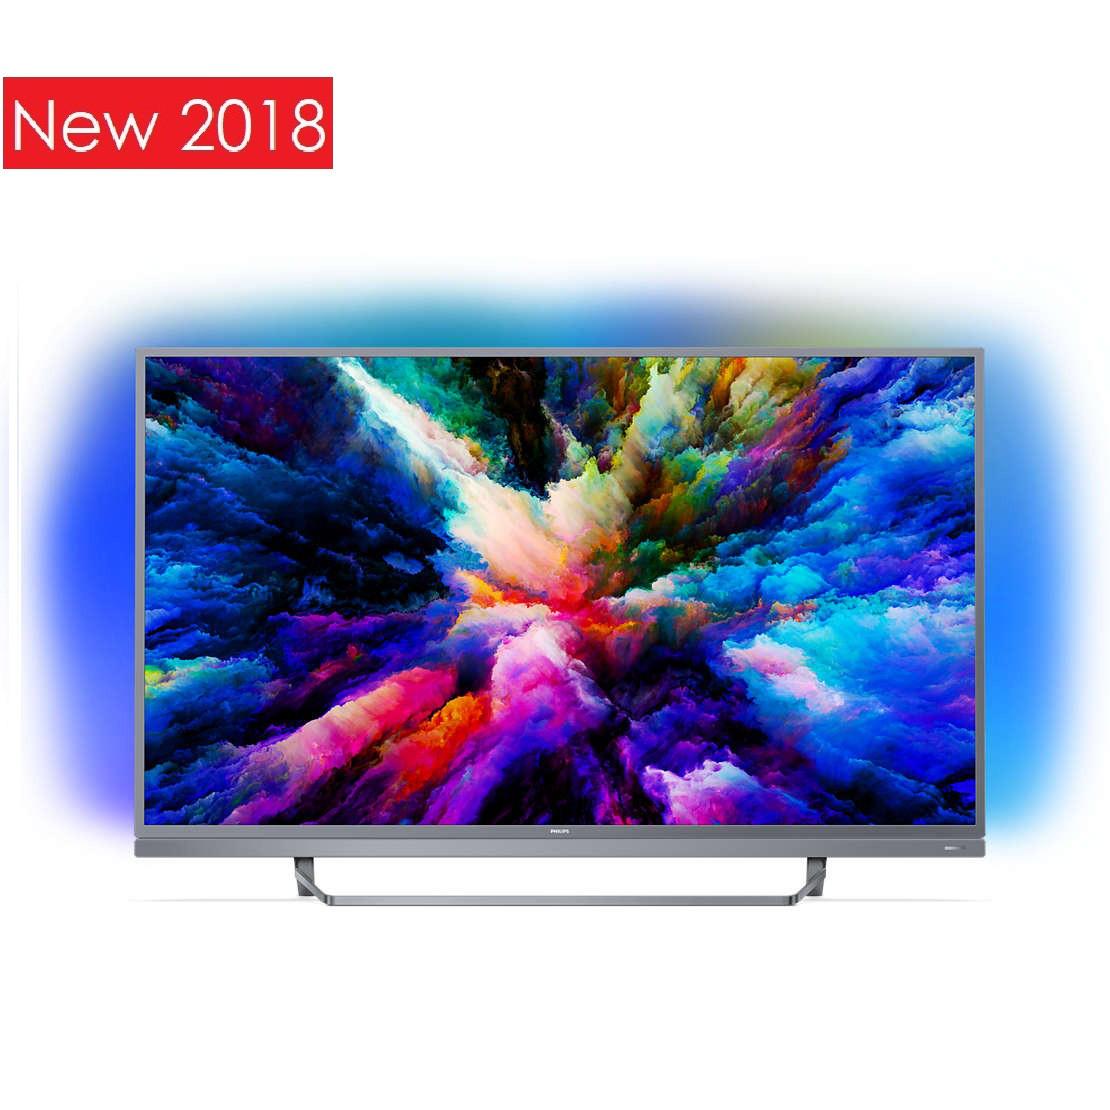 Телевизор Philips 55PUS7503/12 (PPI1700Гц, 4K Smart Android, Quad Core, P5 Perfect Picture, DVB-С/Т2/S2)